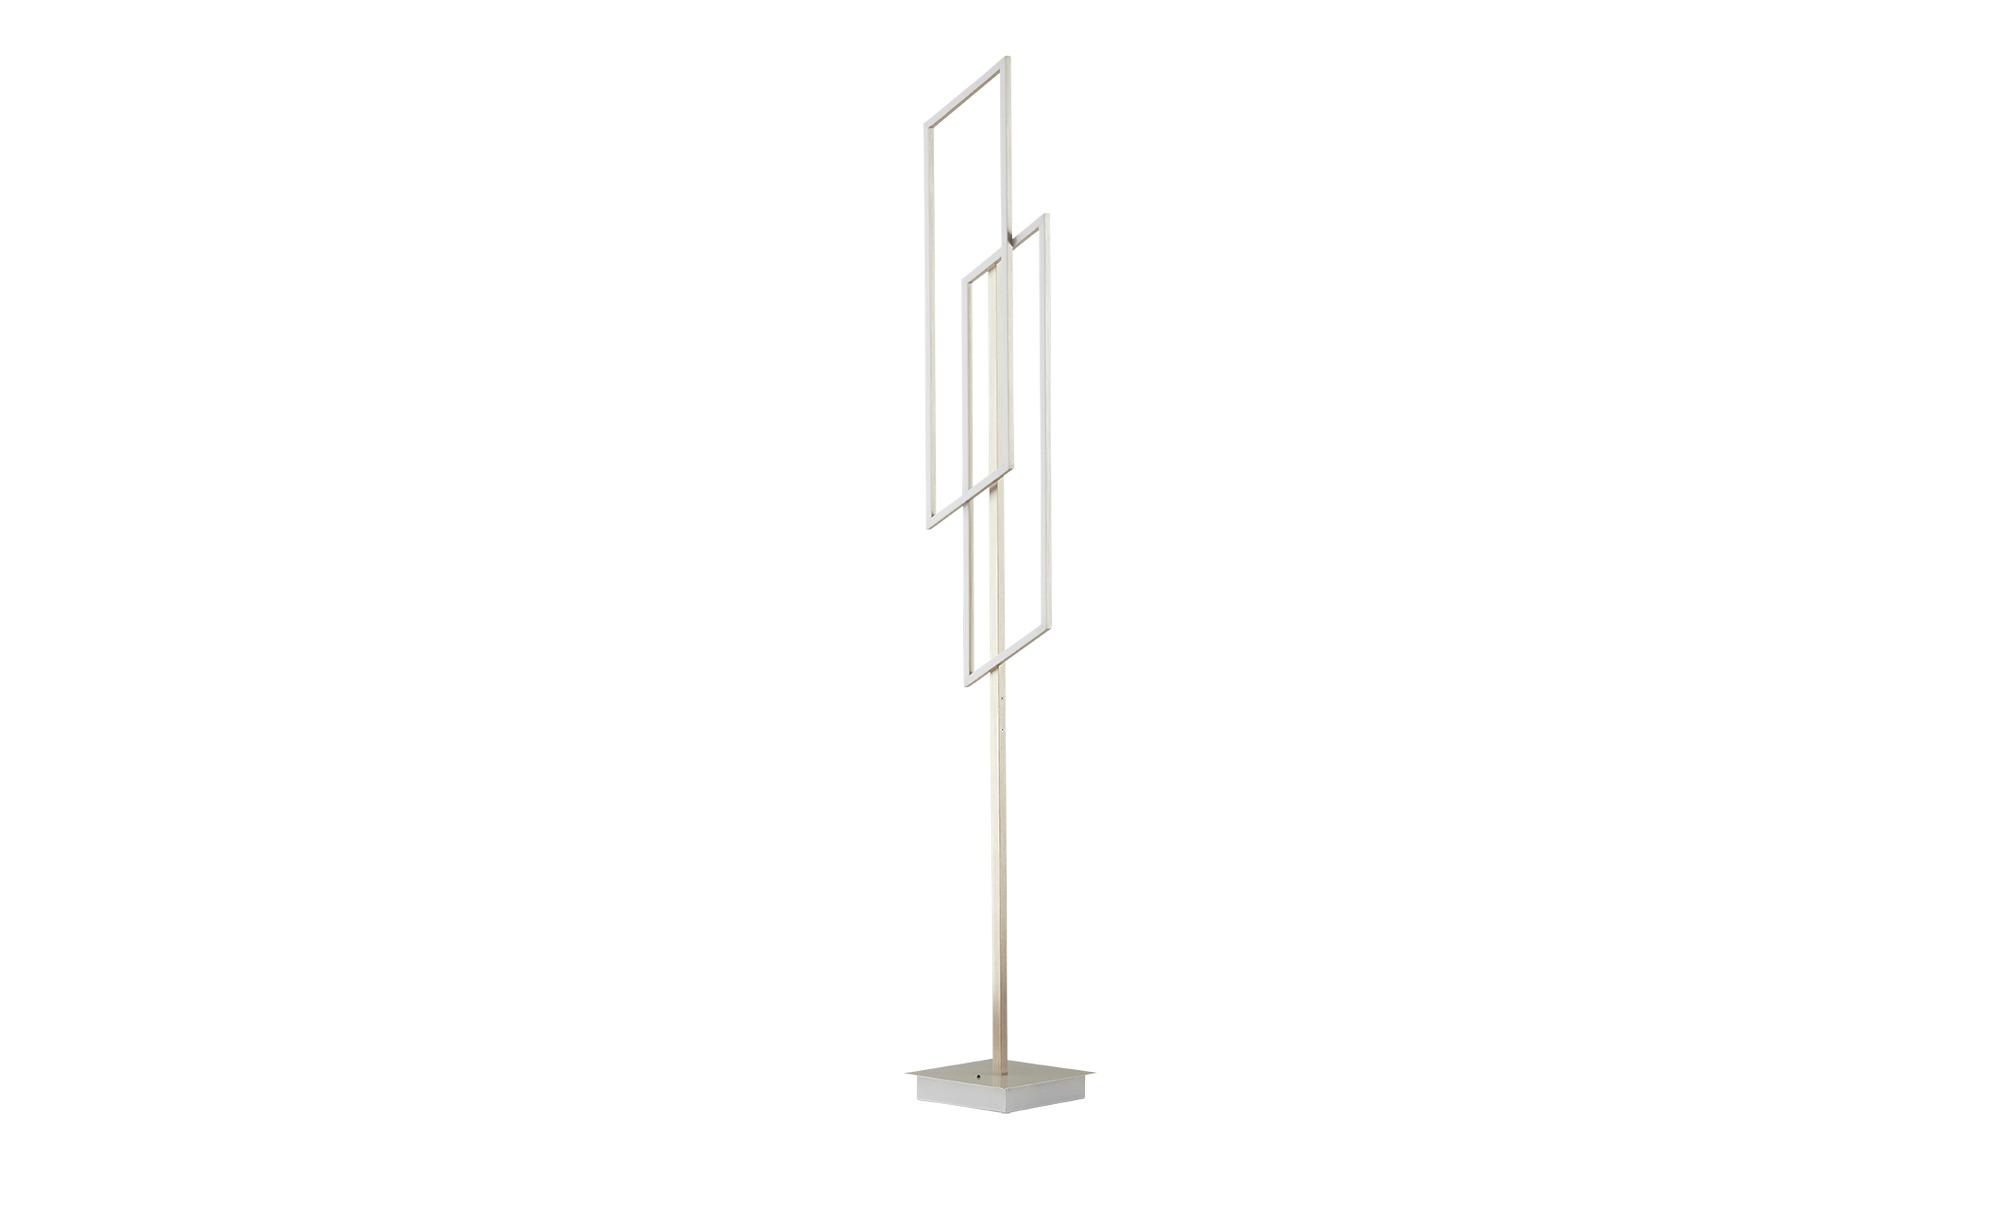 Paul Neuhaus LED-Stehleuchte, 2-flammig, `Rechtecke´ ¦ silber ¦ Maße (cm): B: 22 H: 165 Lampen & Leuchten > Innenleuchten > Stehlampen - Höffner